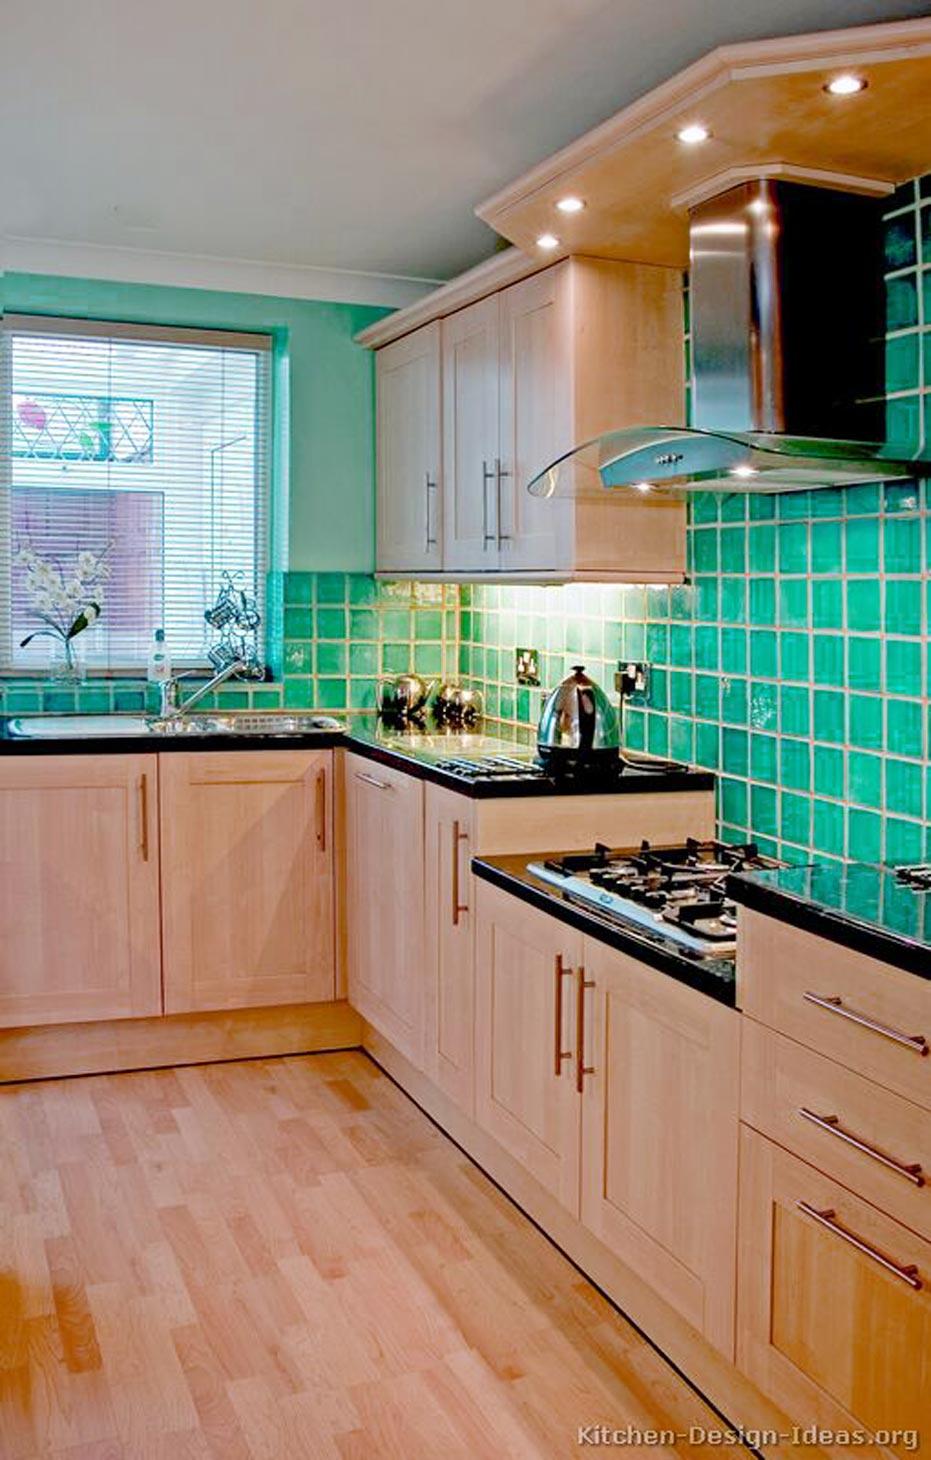 Blue Turquoise Tile Backsplash  Using turquoise backsplash for the